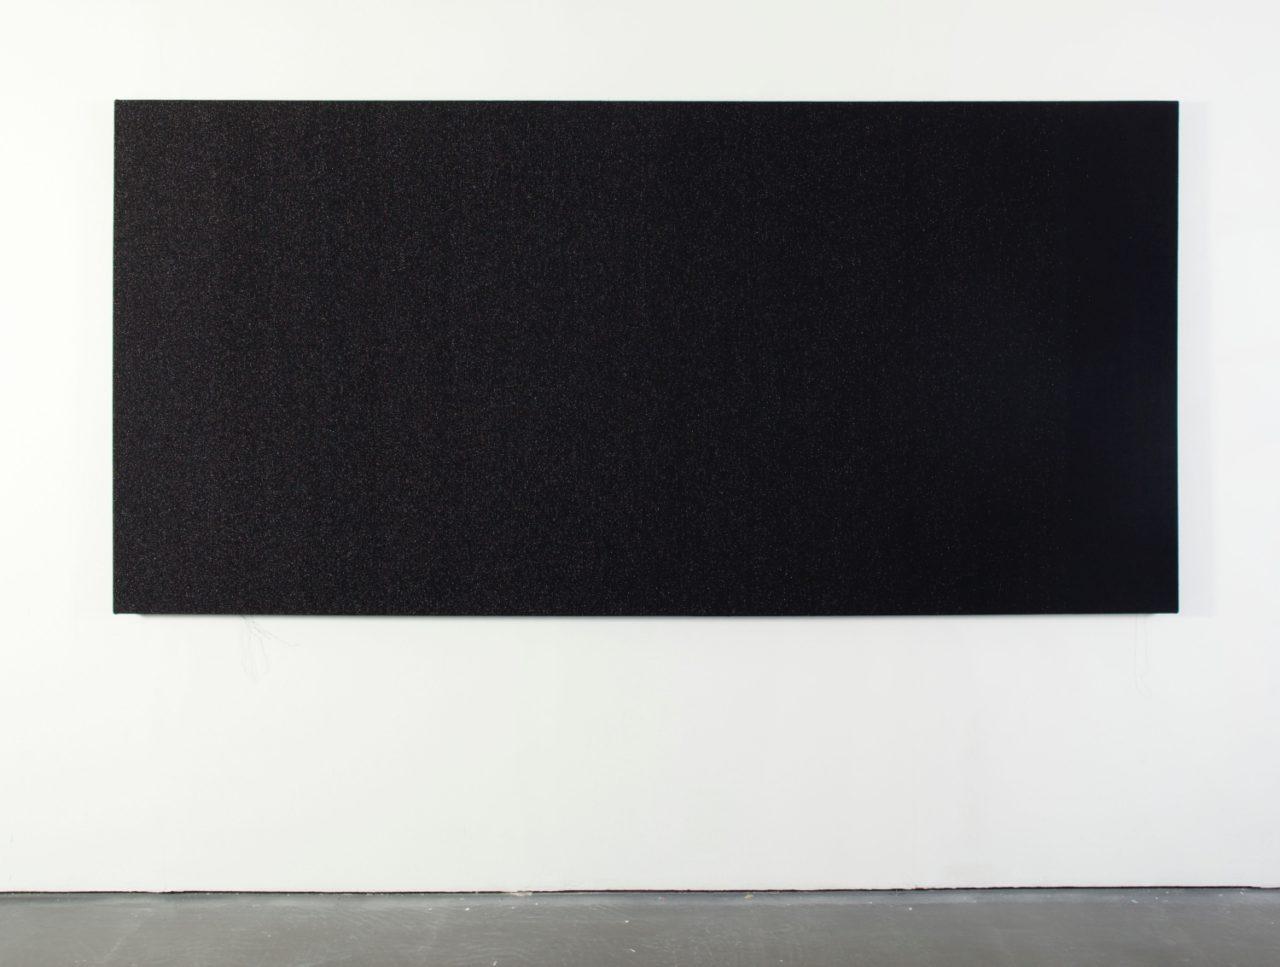 Willem de Rooij, Black to black (2011)